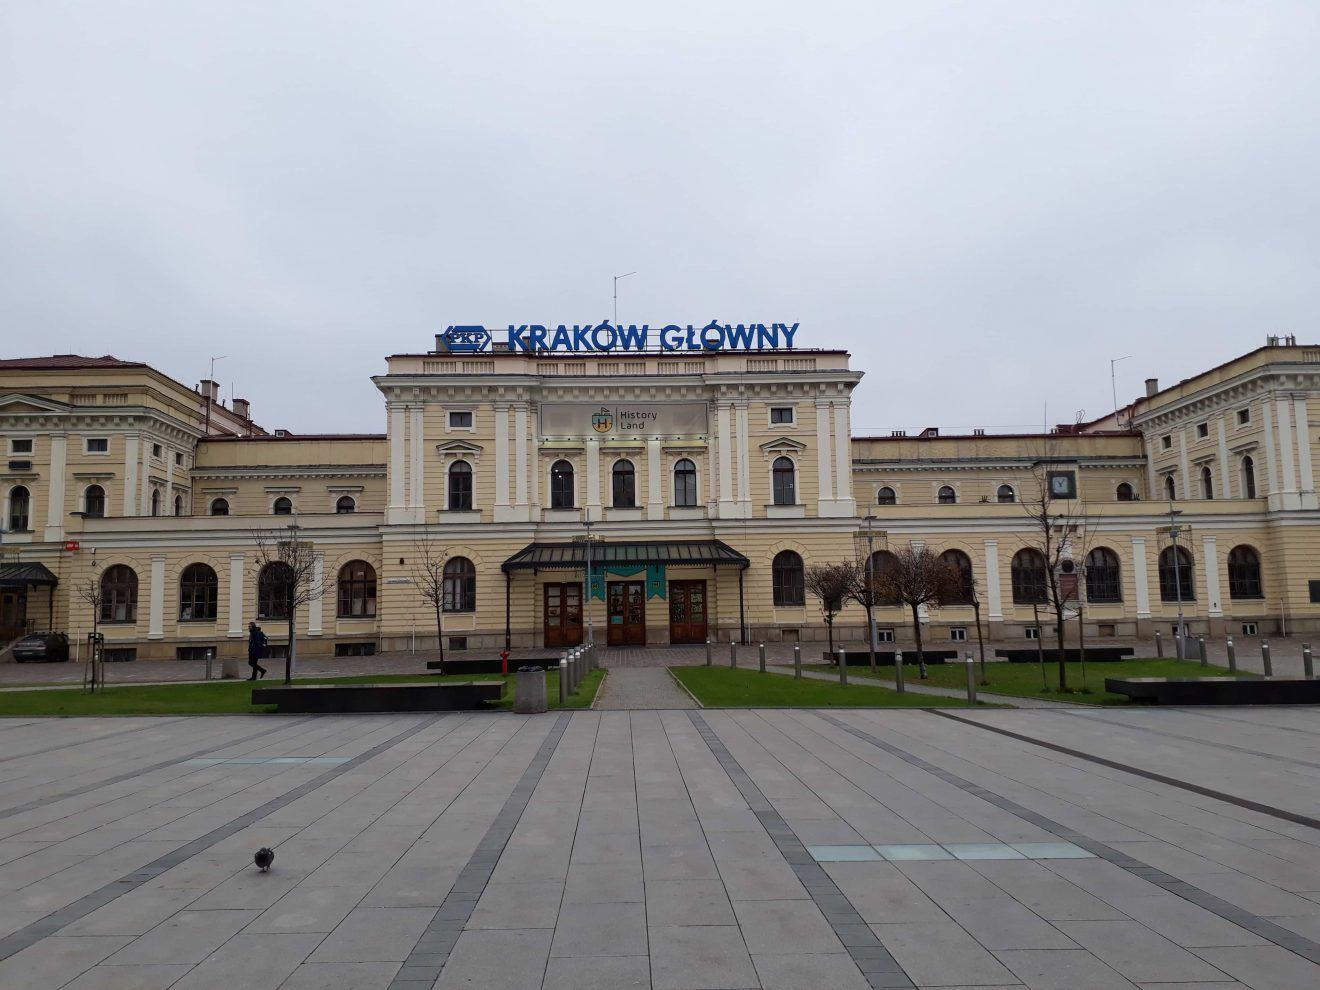 Kraków Główny old station